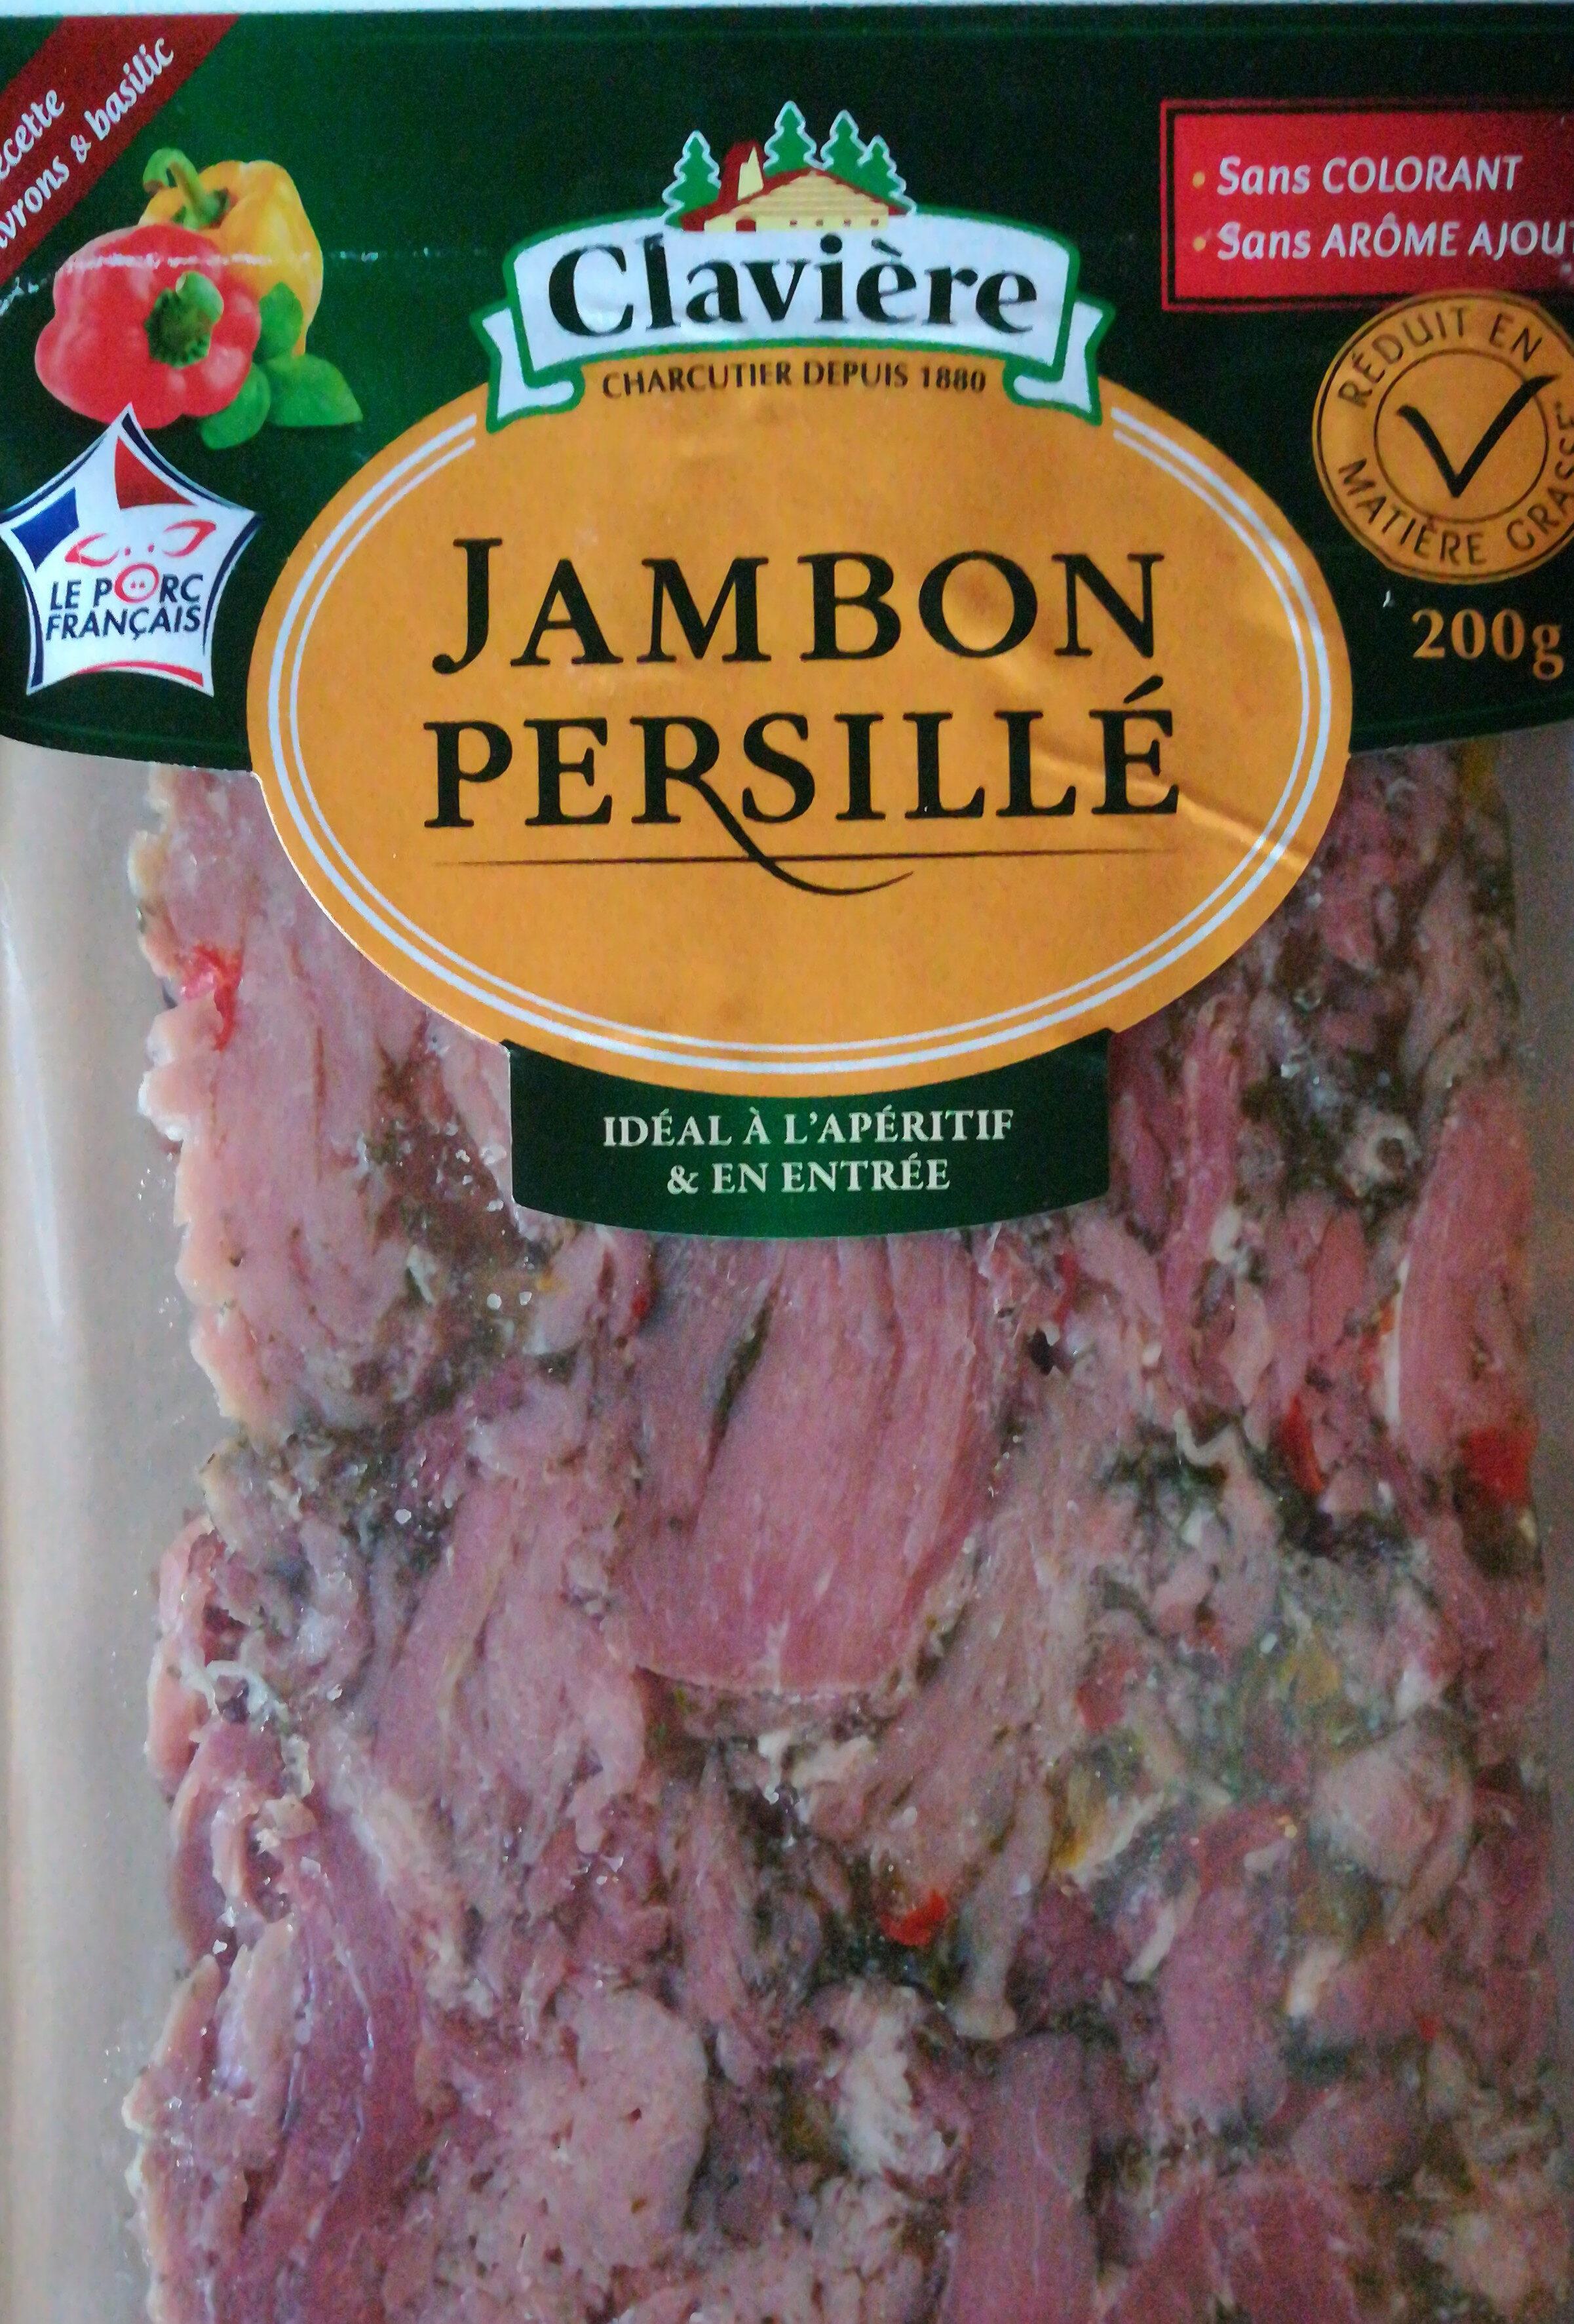 Véritable jambon persillé de Bourgogne aux 2 poivrons et basilic CLAVIERE - Product - fr